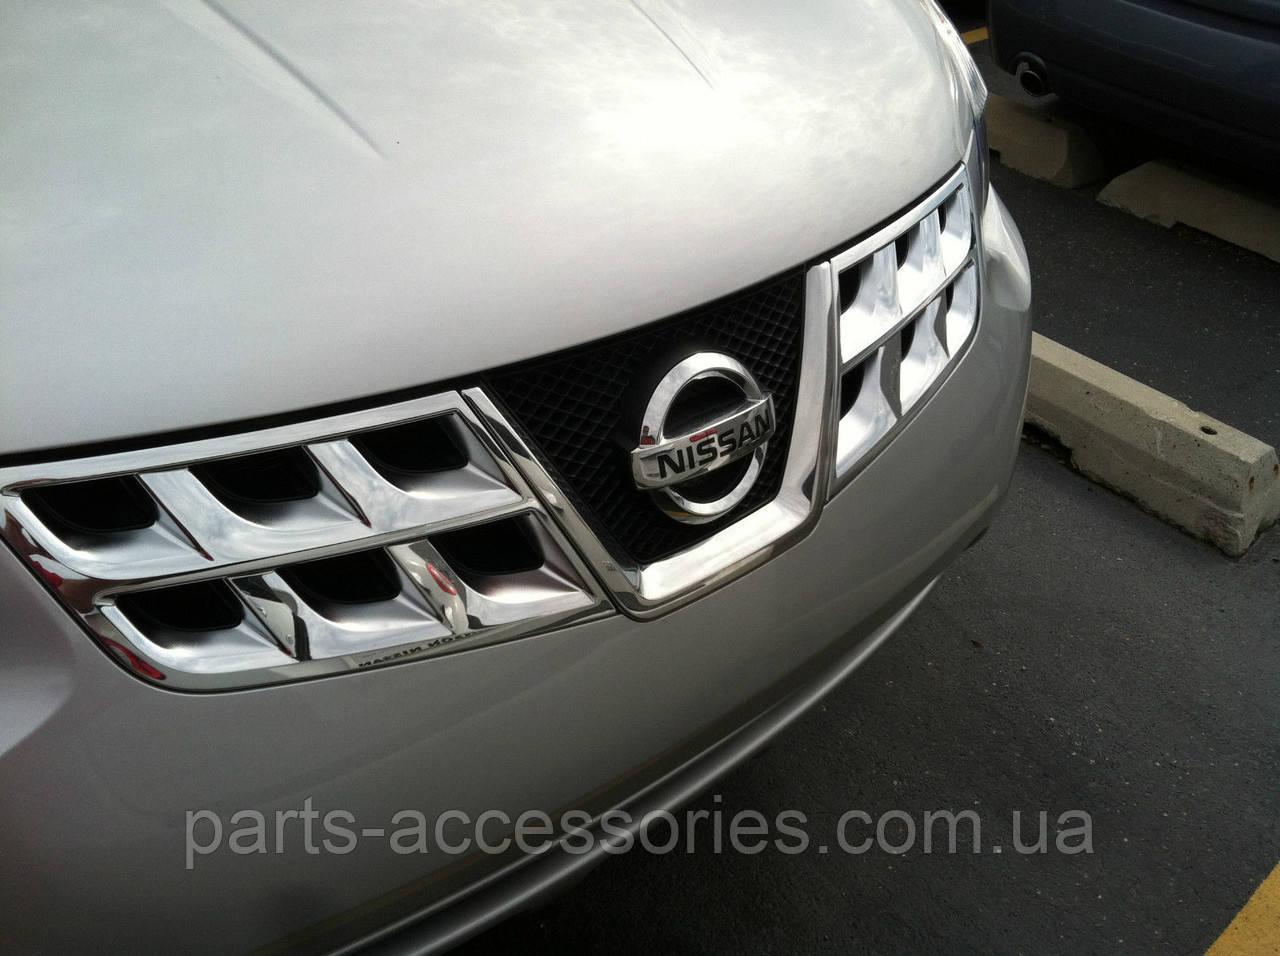 Nissan Rogue 2011-13 решетка радиатора Новая Оригинал